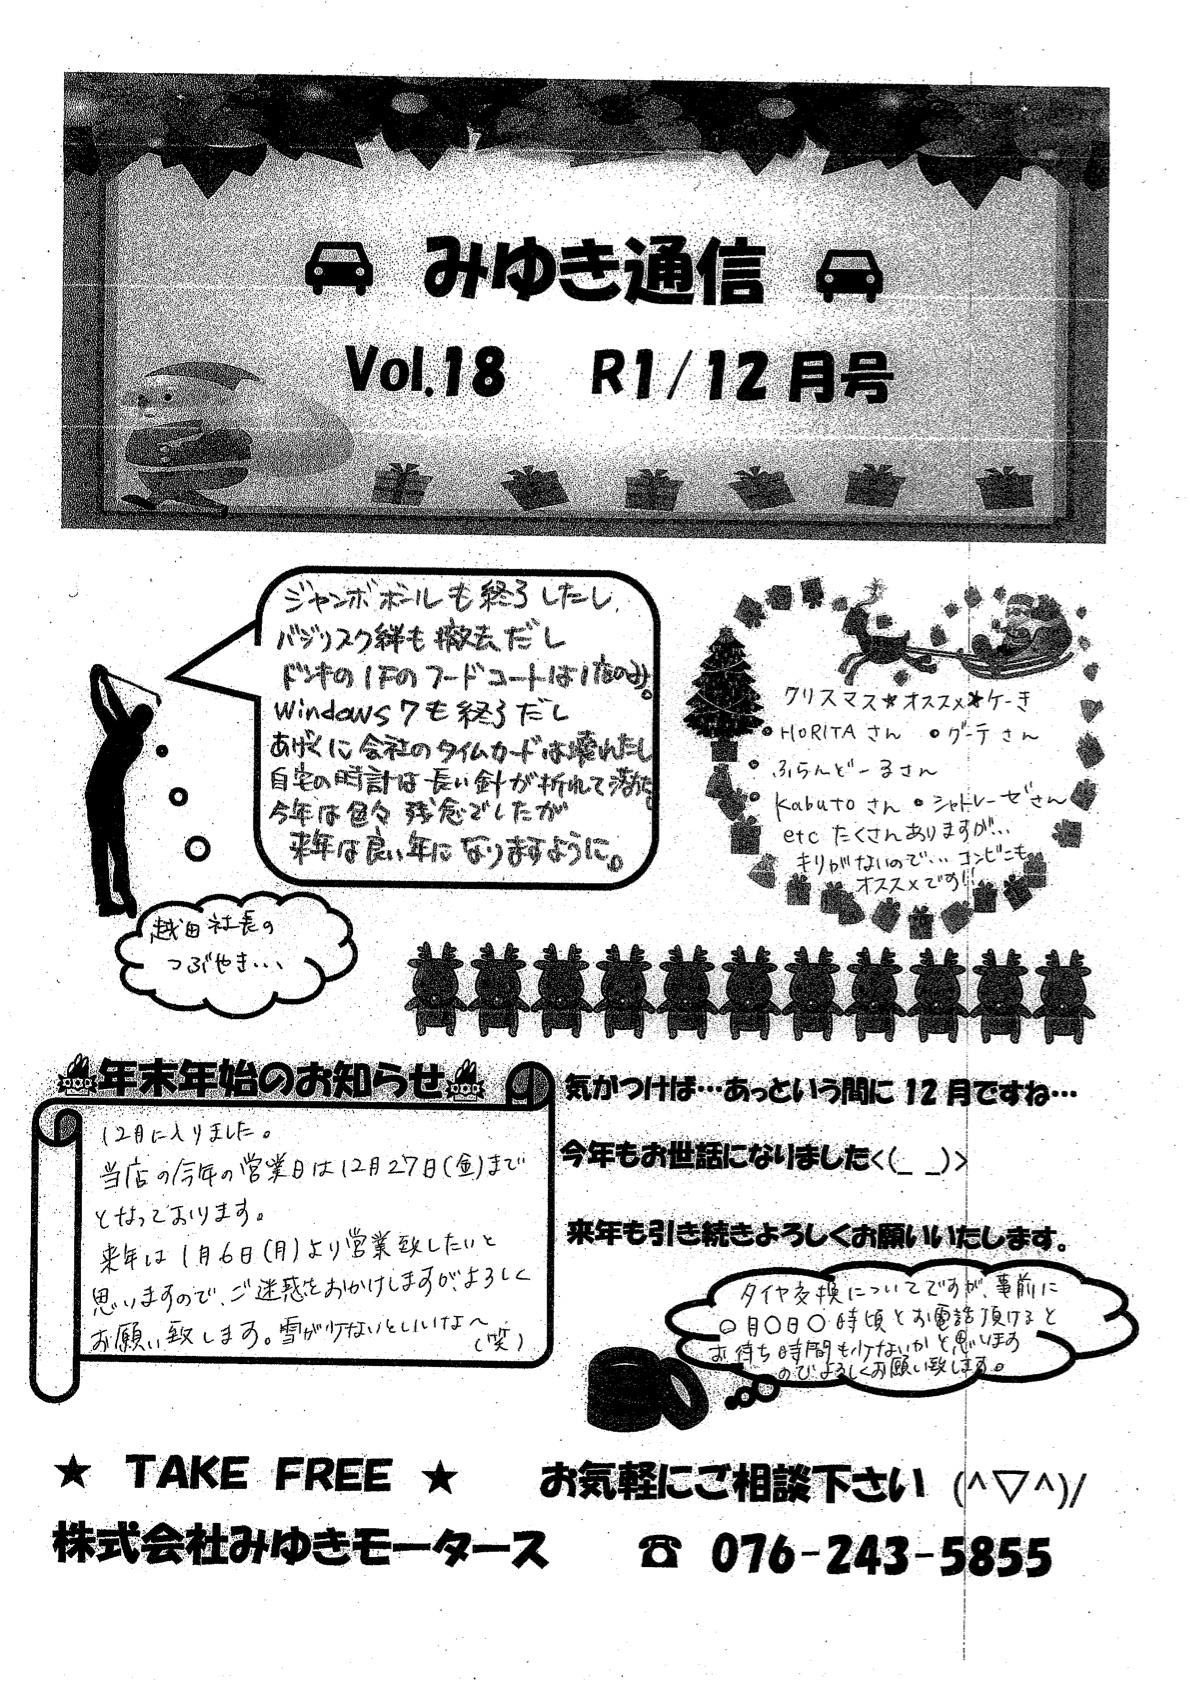 みゆき通信vol.18 12月号